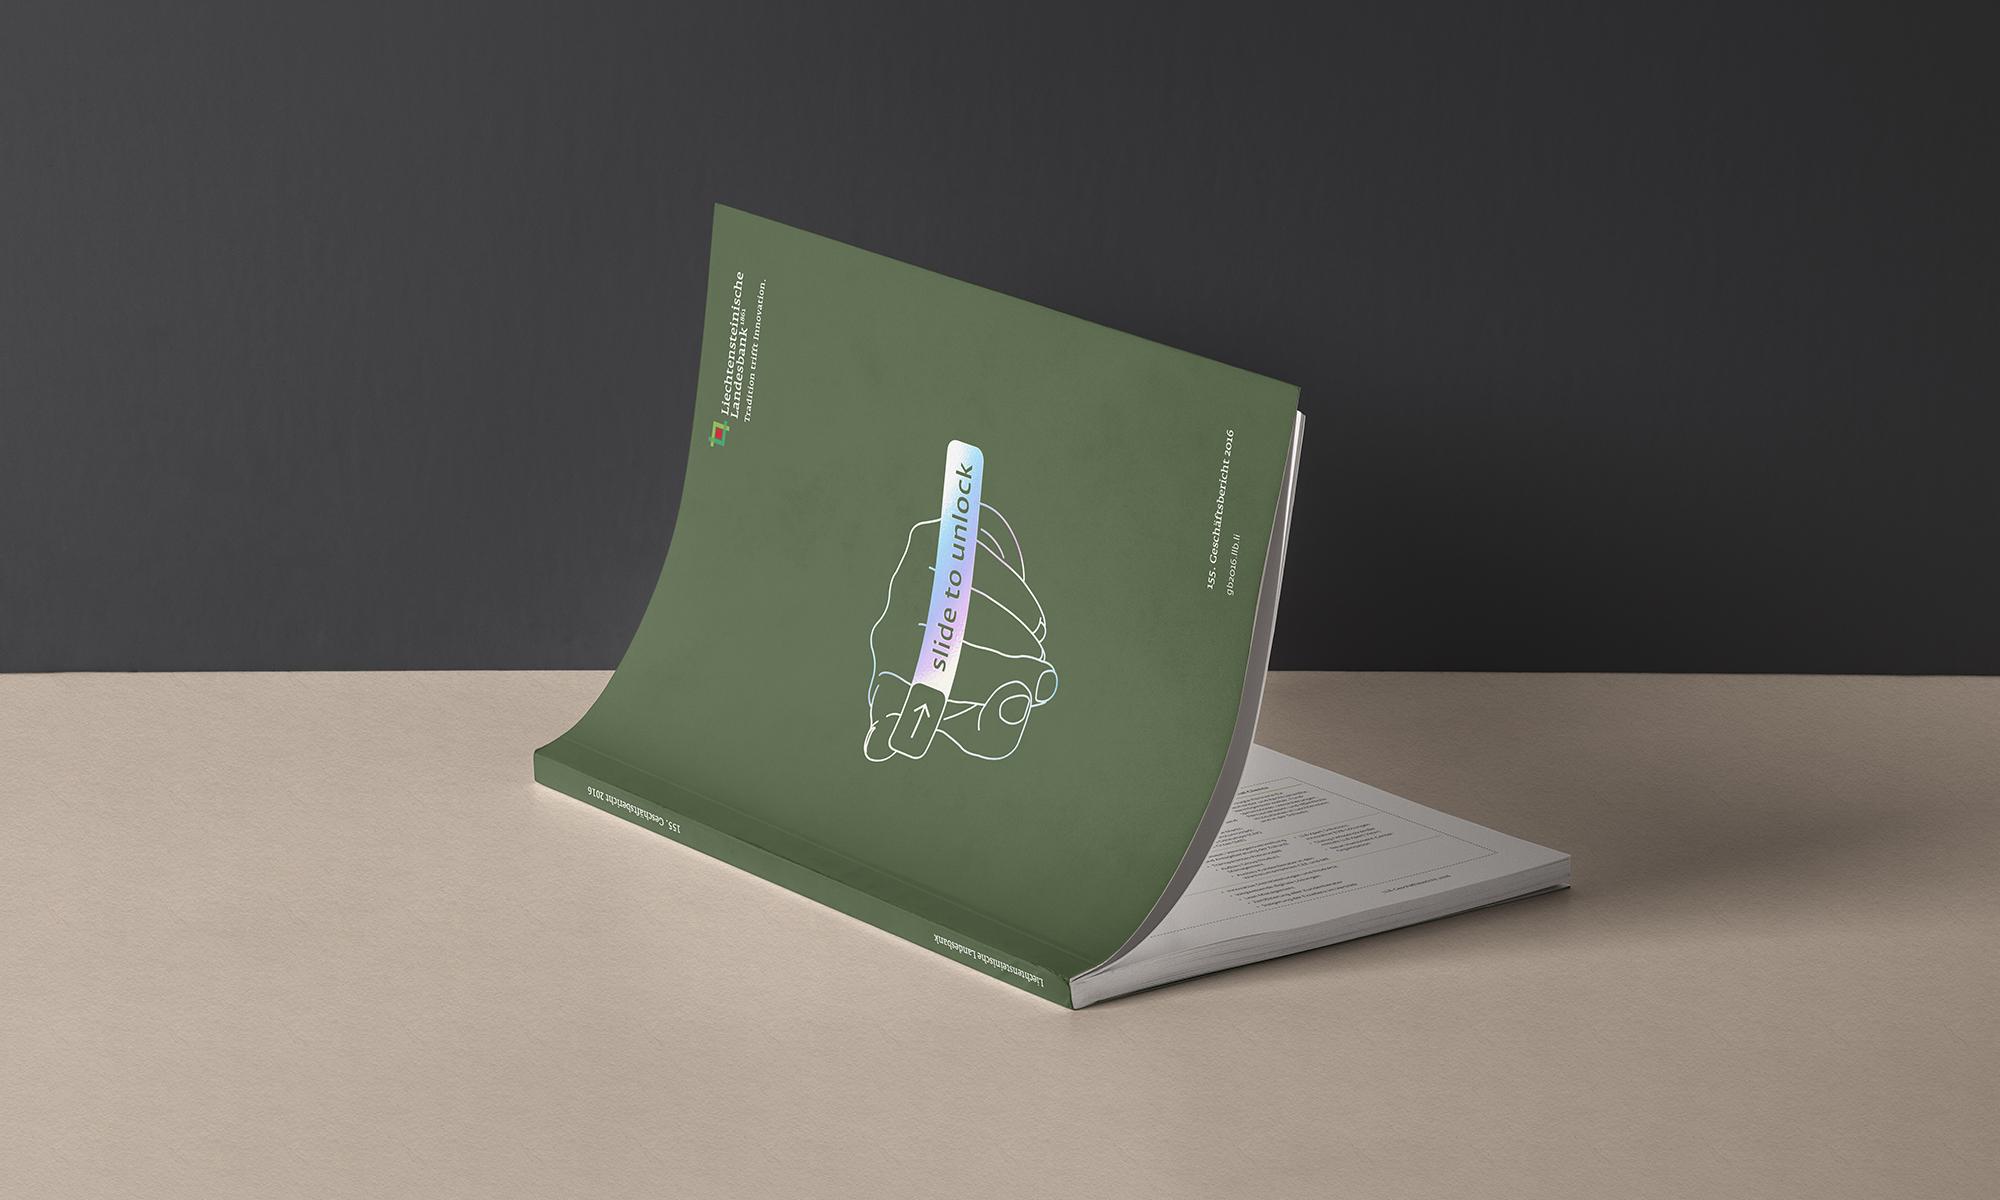 """Aufgeschlagener Geschäftsbericht. Grünes Cover mit der Linien-Zeichnung einer Hand, die über den iPhone-Button """"slide to unlock"""" fährt. Die Illustration ist mit einer glänzenden Regenbogen-Folie hinterlegt."""